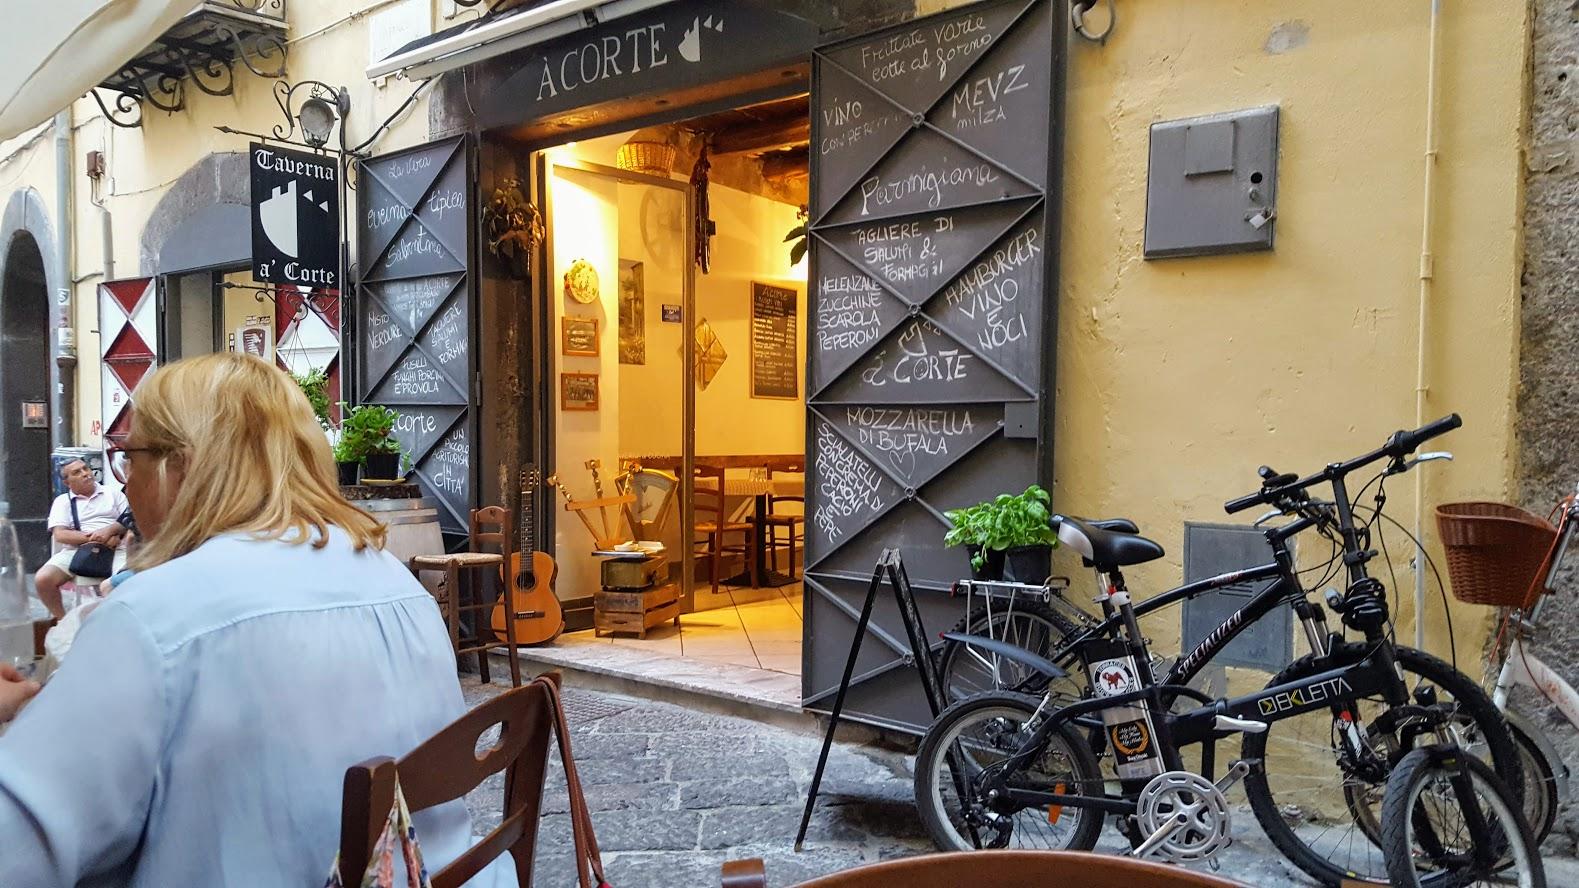 A Corte Restaurant, Salerno